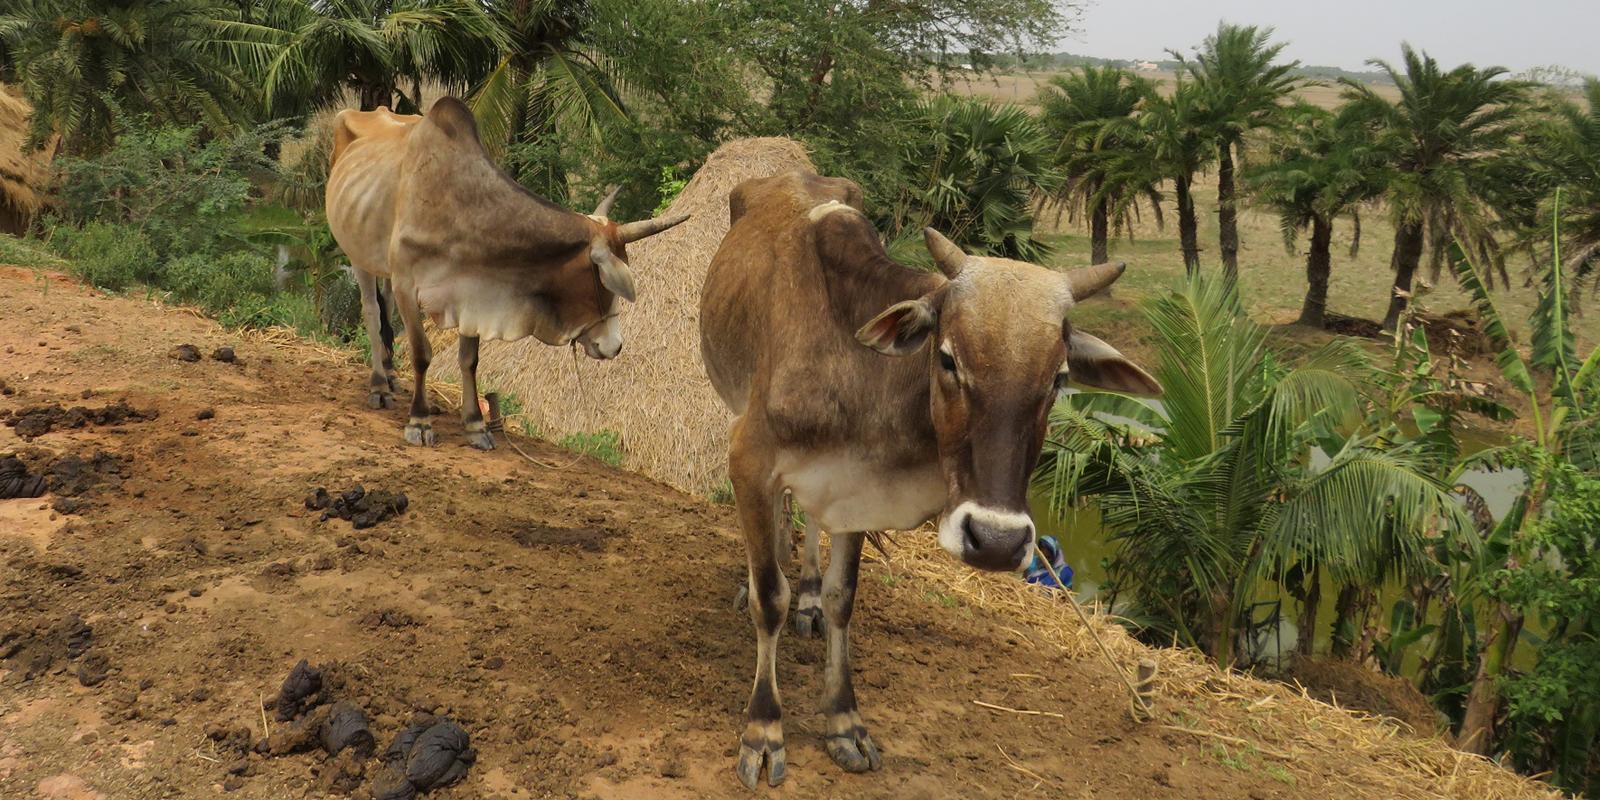 Nutztiere in Indien: Oft fehlt den Haltern das Wissen, um ihre Tiere tiergerecht zu halten.